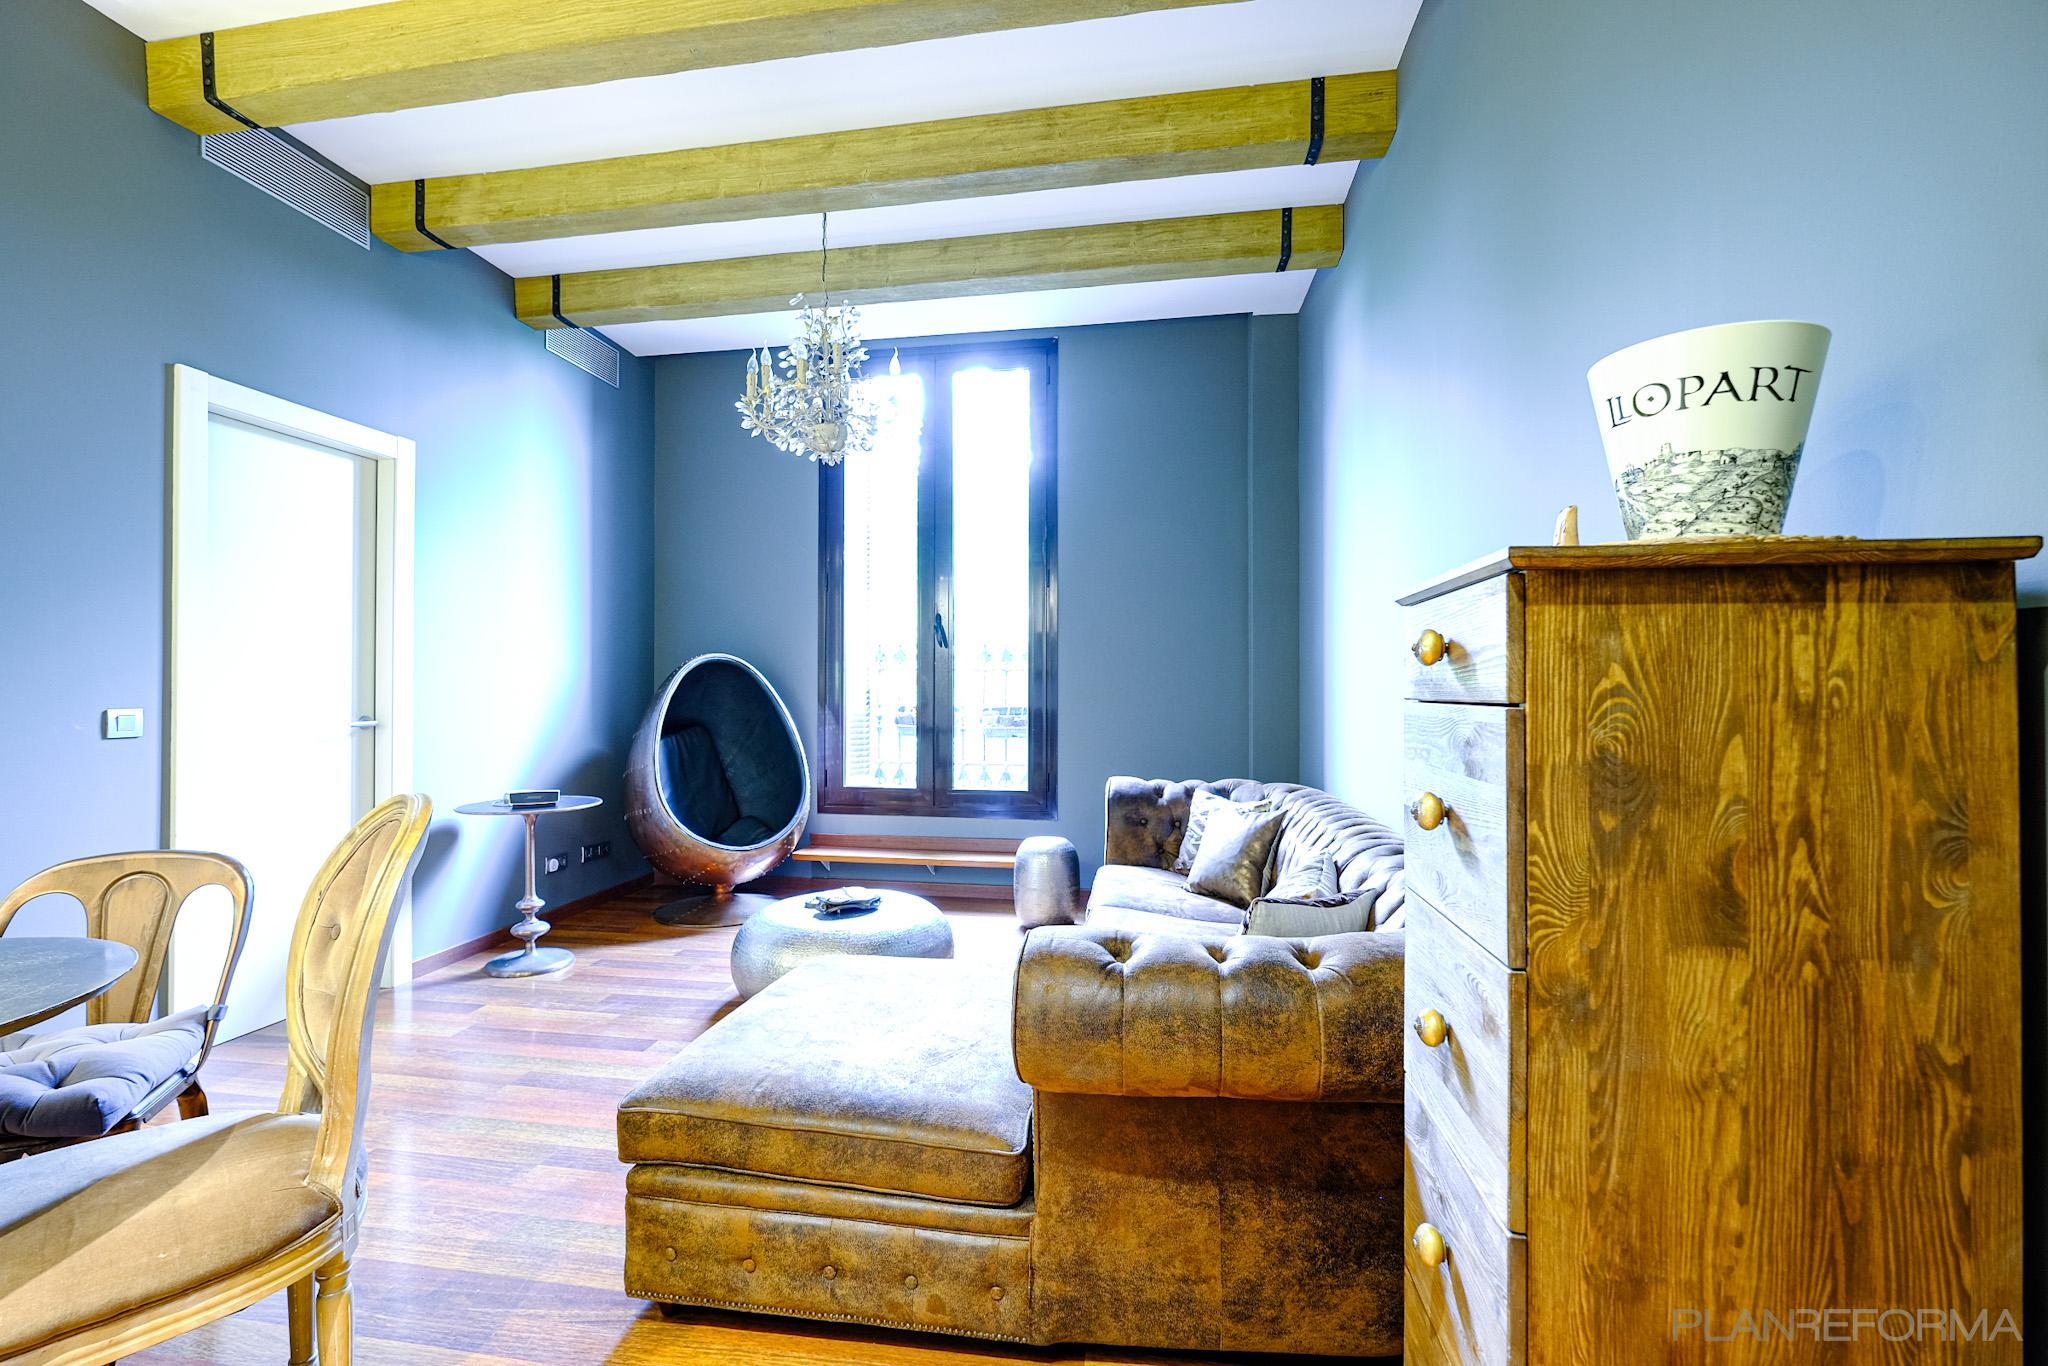 Salon Estilo contemporaneo Color marron, marron, gris  diseñado por Estudi de Arquitectura & Eficiencia Energètica GPA S.L | Gremio | Copyright Arquitectura & Eficiencia Energètica GPA S.L